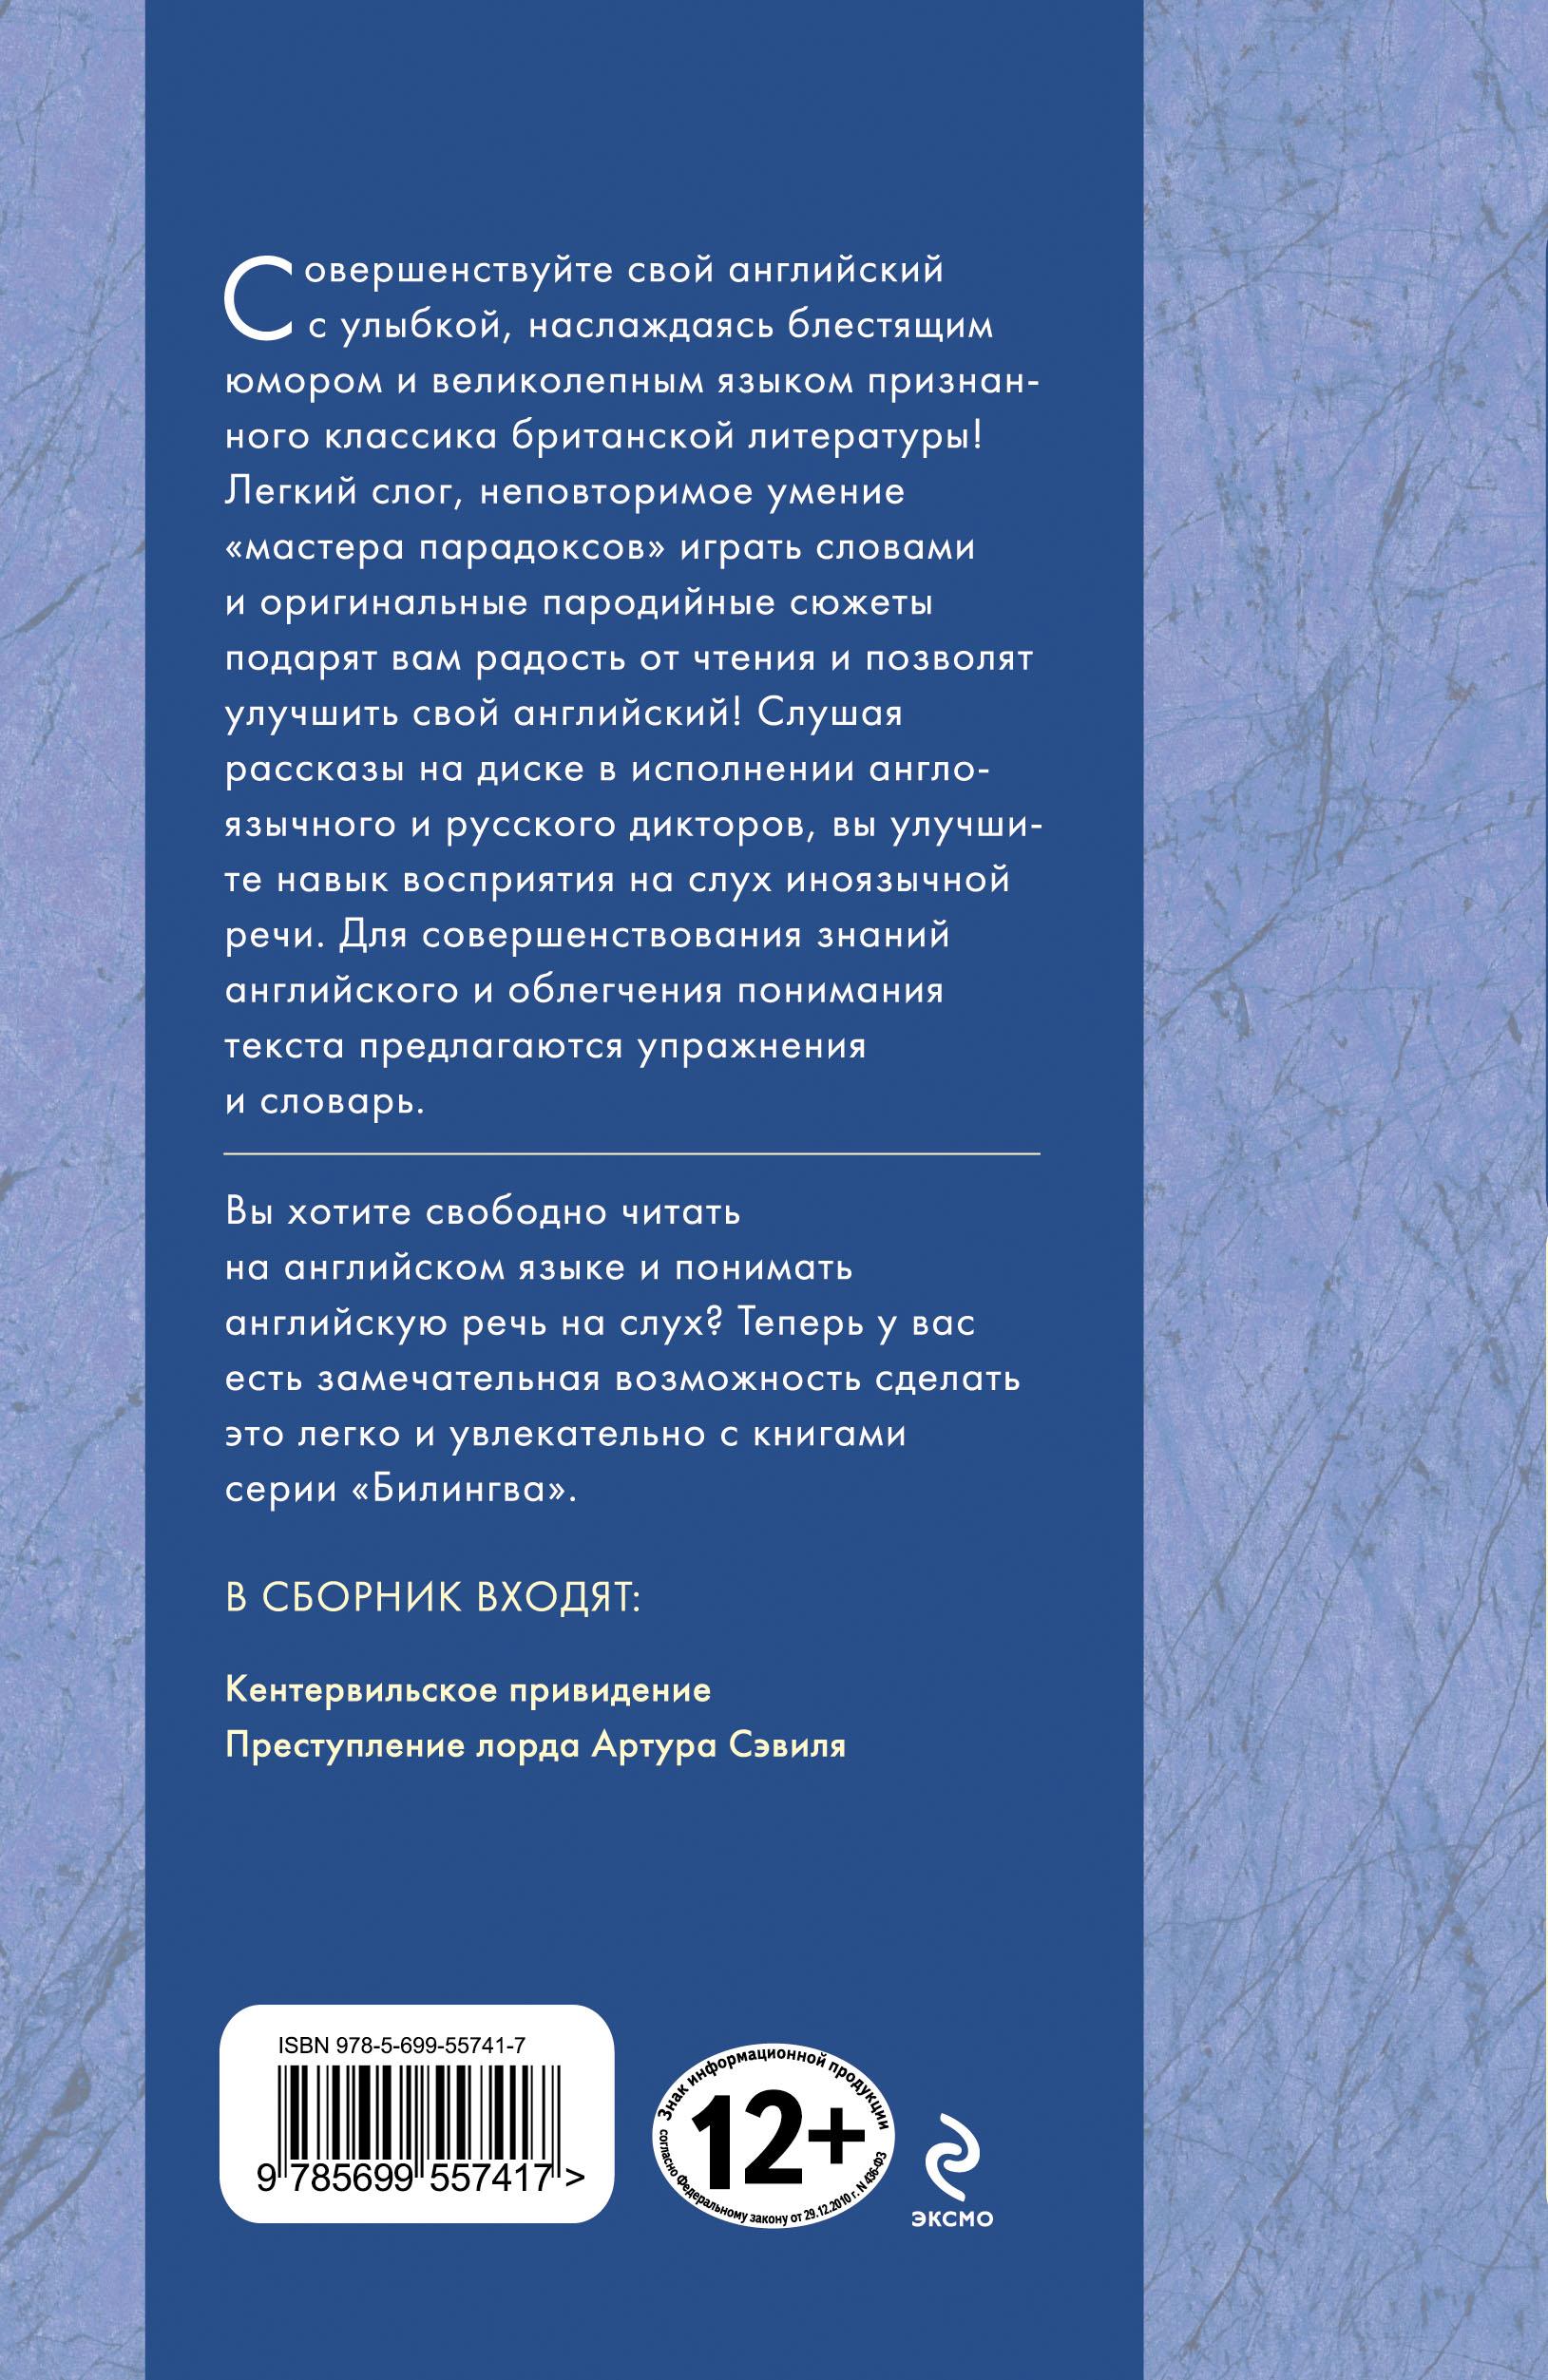 Кентервильское привидение. Преступление лорда Артура Сэвиля / The Canterville Chost. Lord Arthur Savile's Crime (+ CD-ROM)